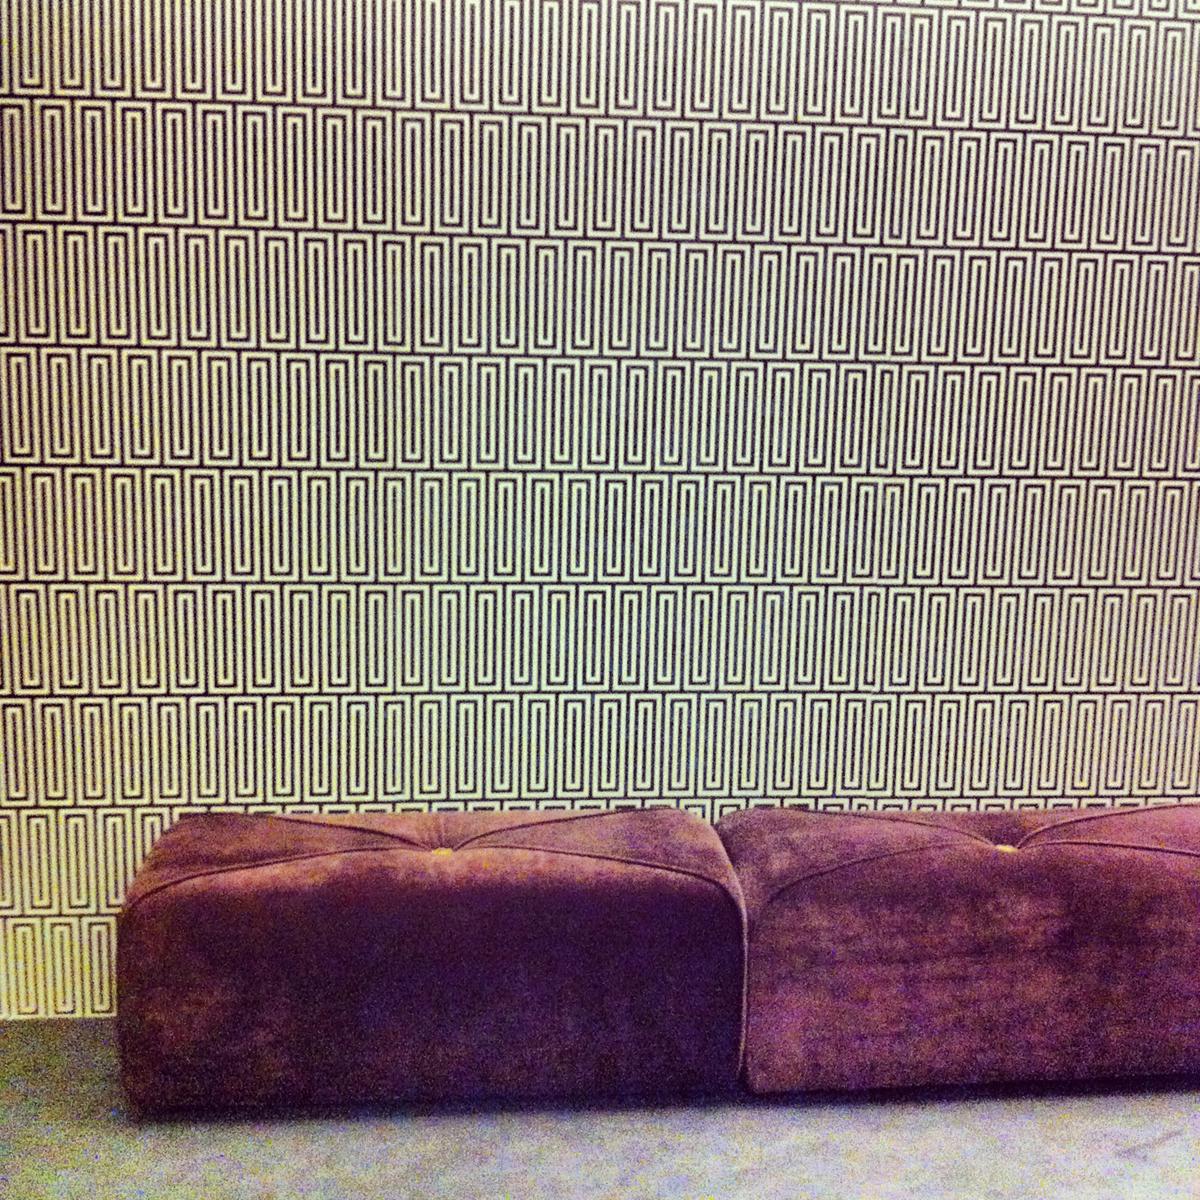 KlimtAlle-Origini-di-un-Mito-006